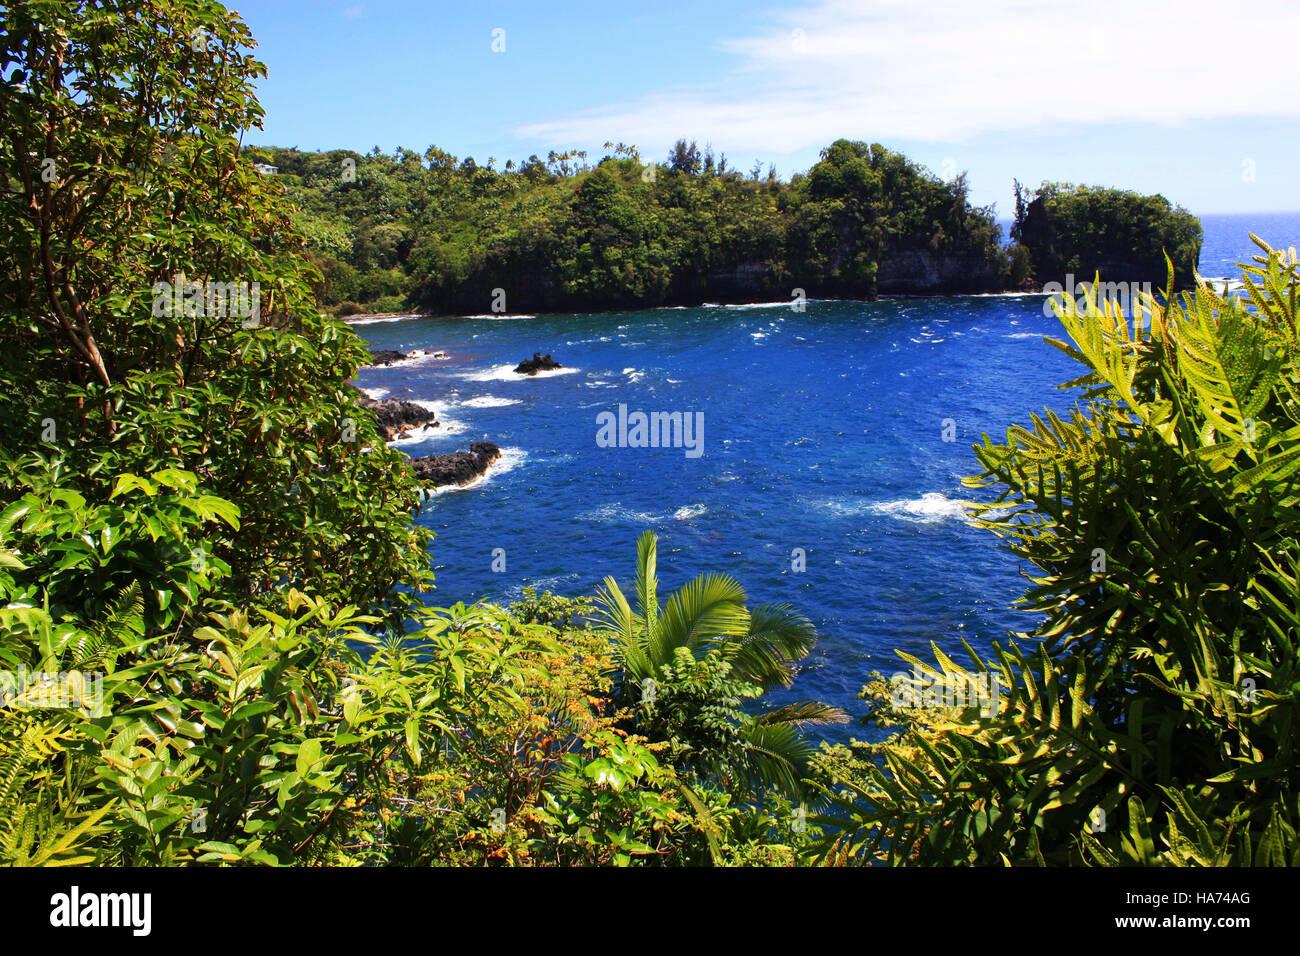 Vista de la Bahía Onomea en la parte superior de burro Trail en Papaikou, Hawaii, EE.UU. Foto de stock